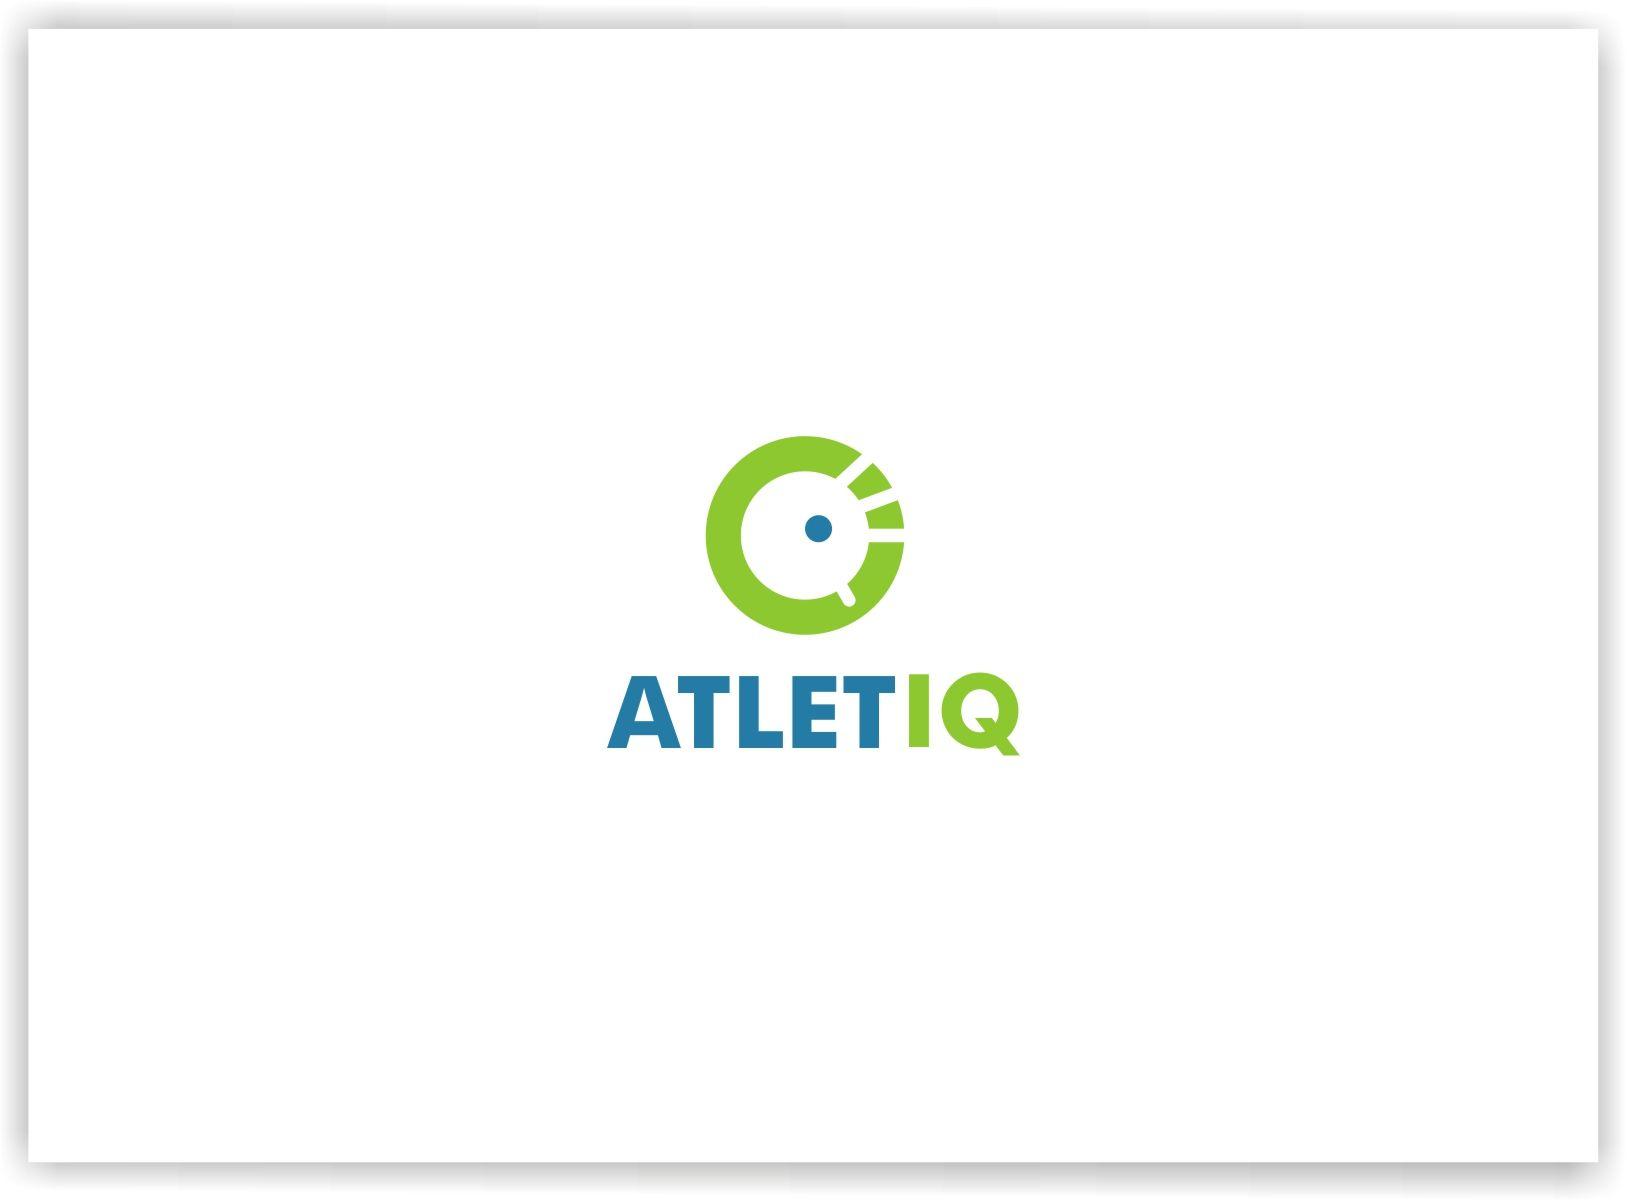 Логотип для спортивного сервиса Atletiq - дизайнер malito